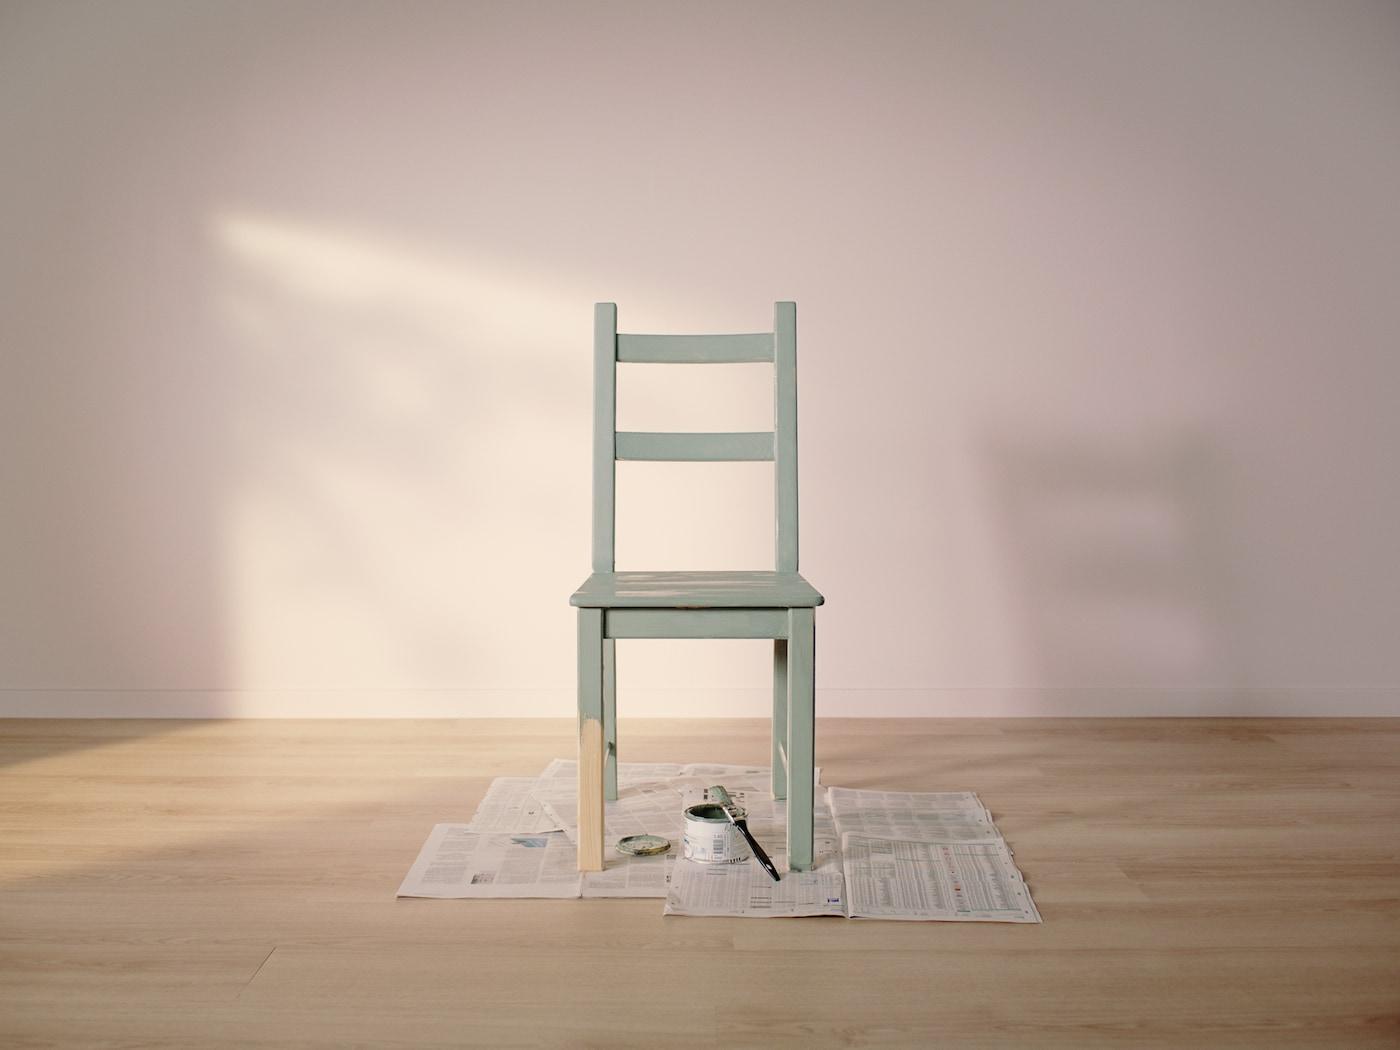 IVAR stolica od borovine, ofarbana u zeleno osim jednog nogara, postavljena je na časopise, pored konzerve s farbom i četkice.